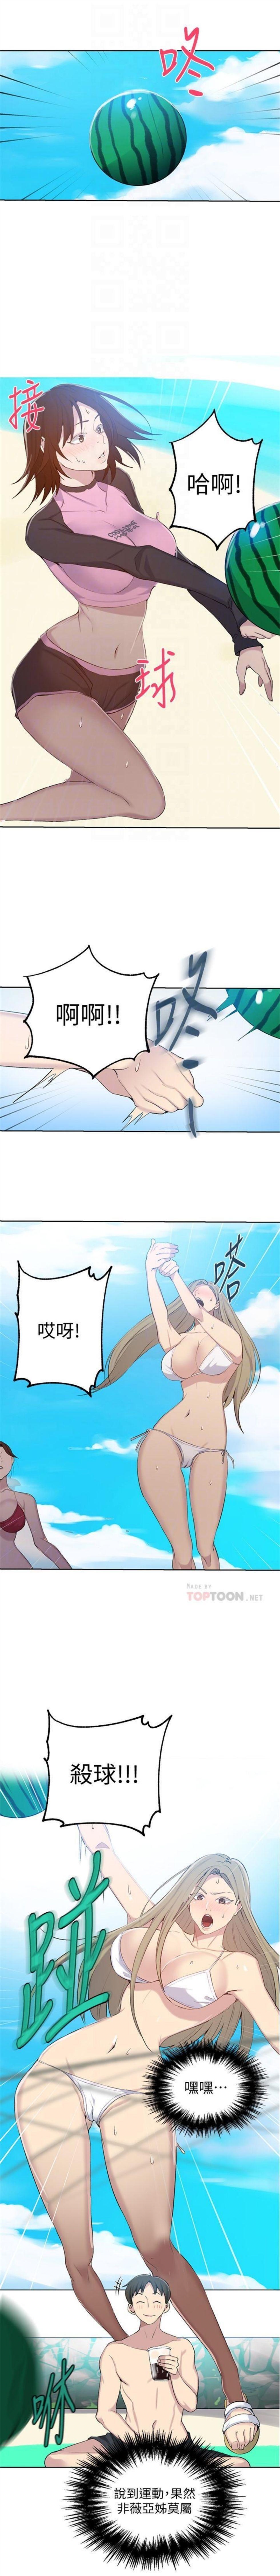 秘密教學  1-55 官方中文(連載中) 380